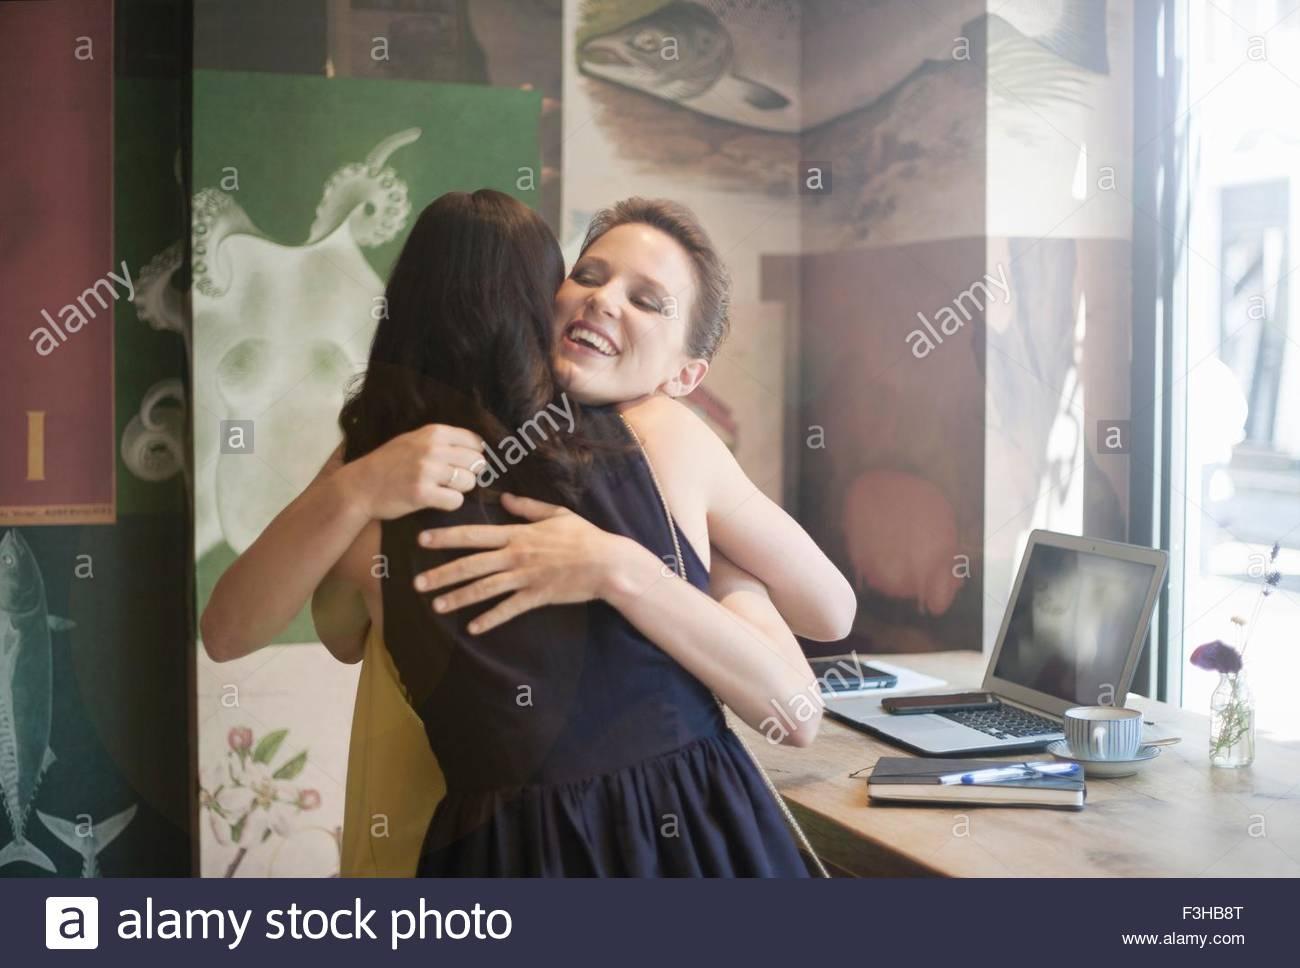 Due giovani donne bruna seduti in un caffè greating reciprocamente con un abbraccio Immagini Stock